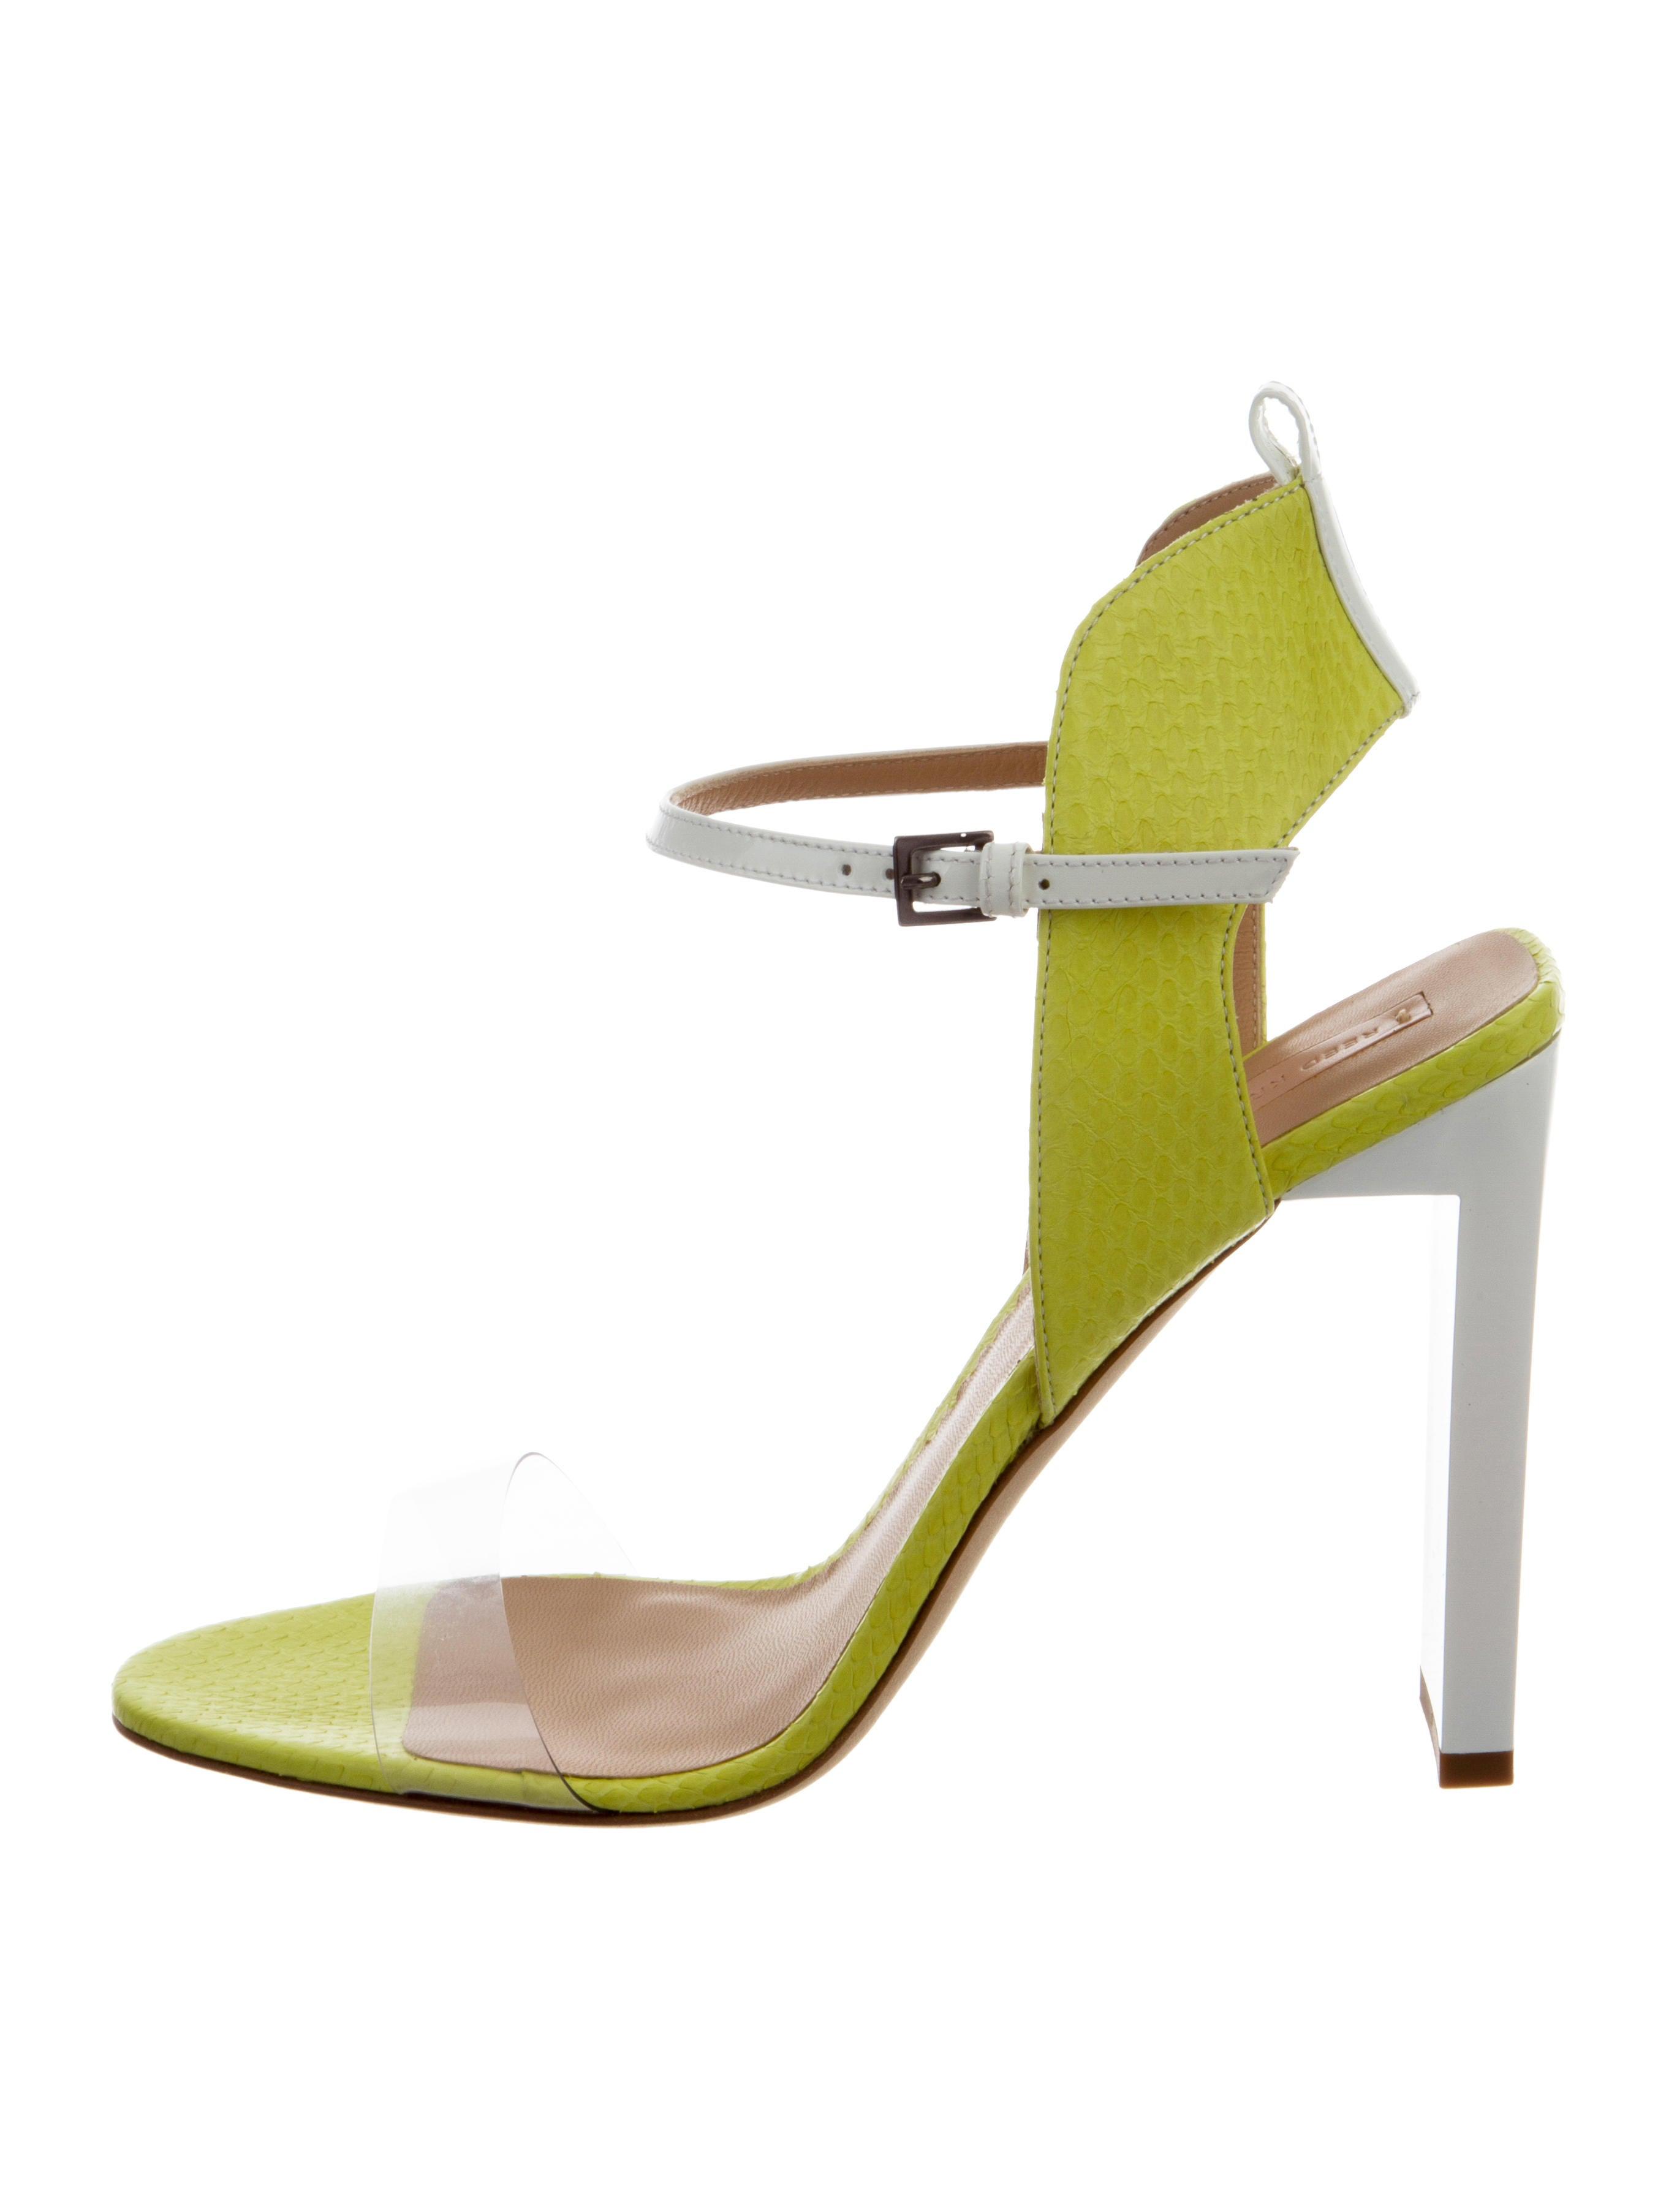 Reed Krakoff Atlas Snakeskin Sandals w/ Tags sneakernews cheap price discount best pre order ucJiZ